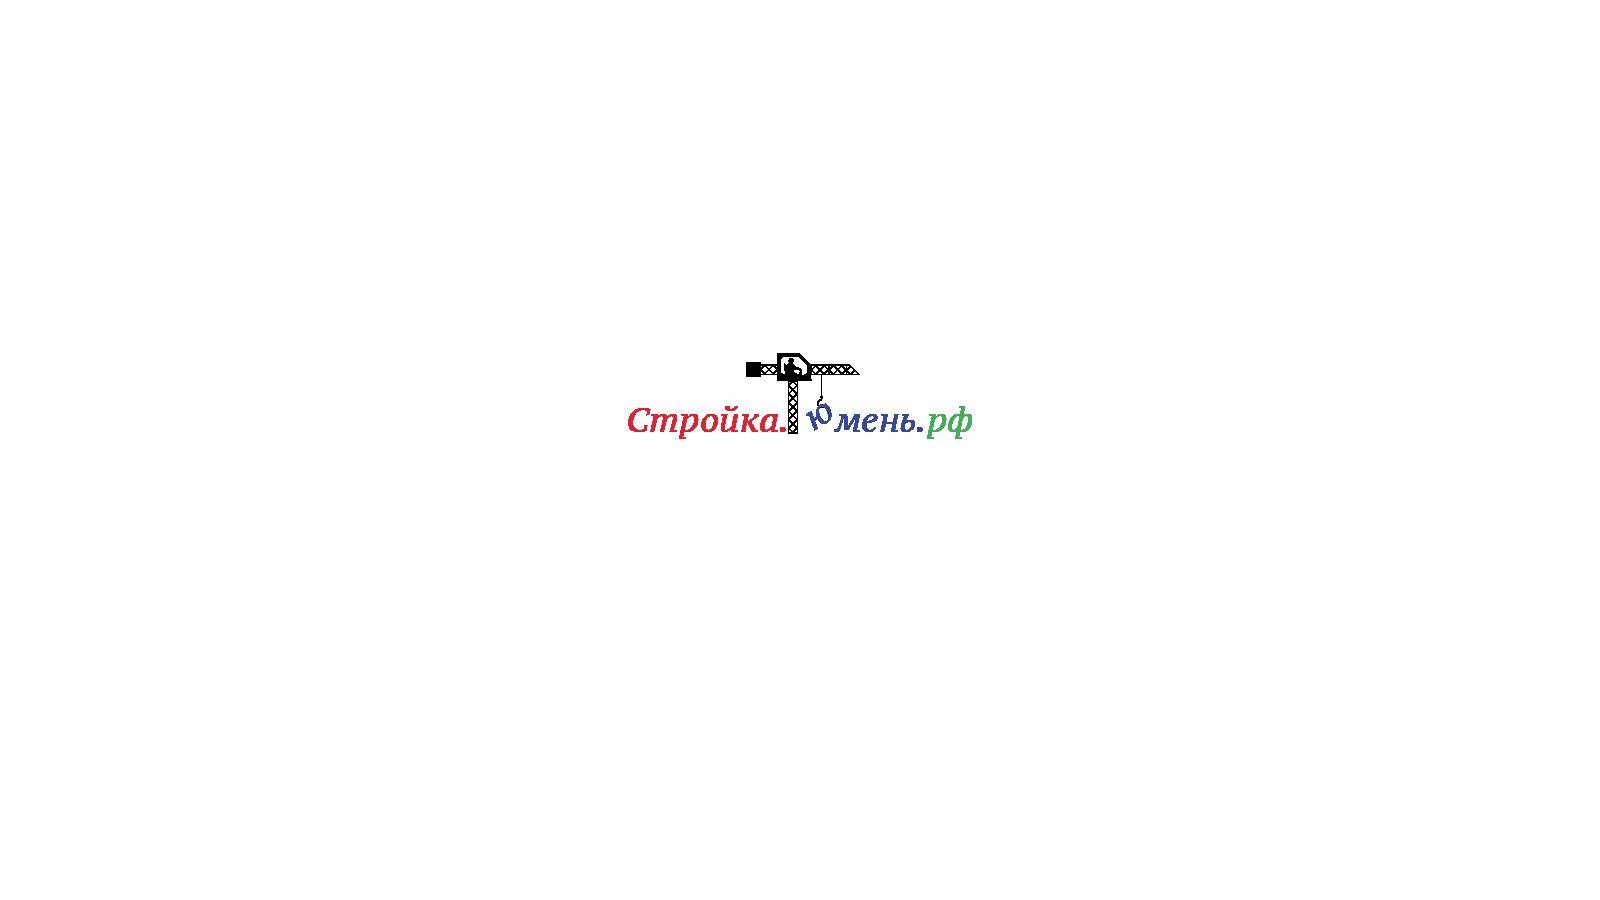 Логотип для строительного портала - дизайнер Capp1e